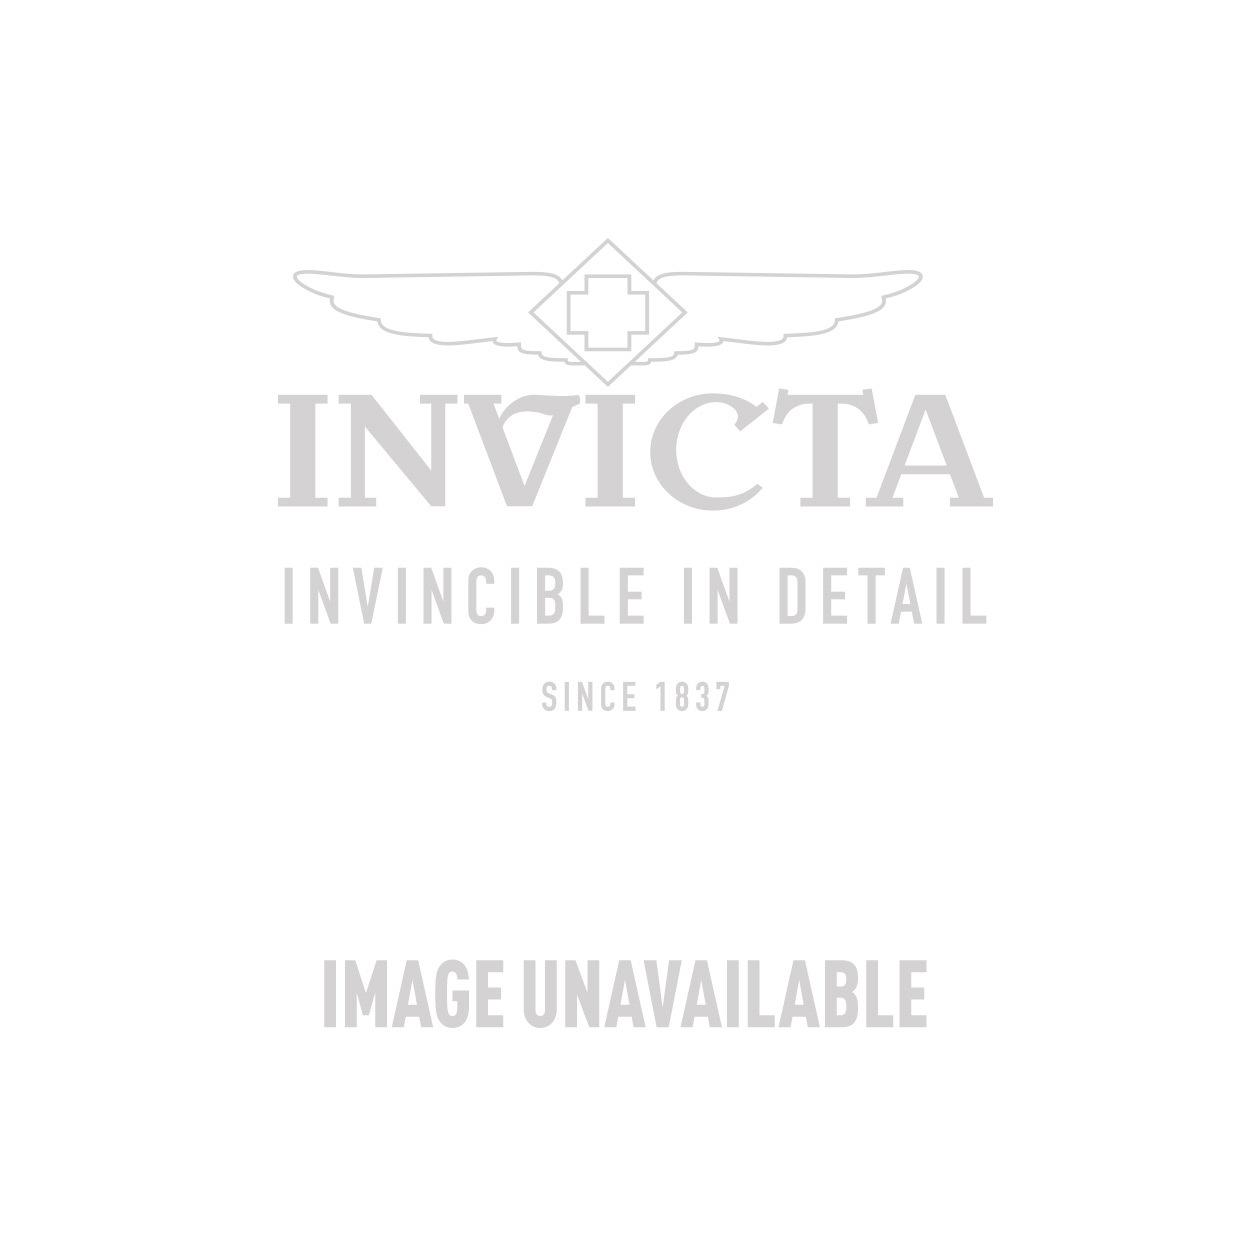 Invicta Subaqua Swiss Made Quartz Watch - Black case with Black, Blue tone Silicone band - Model 10186